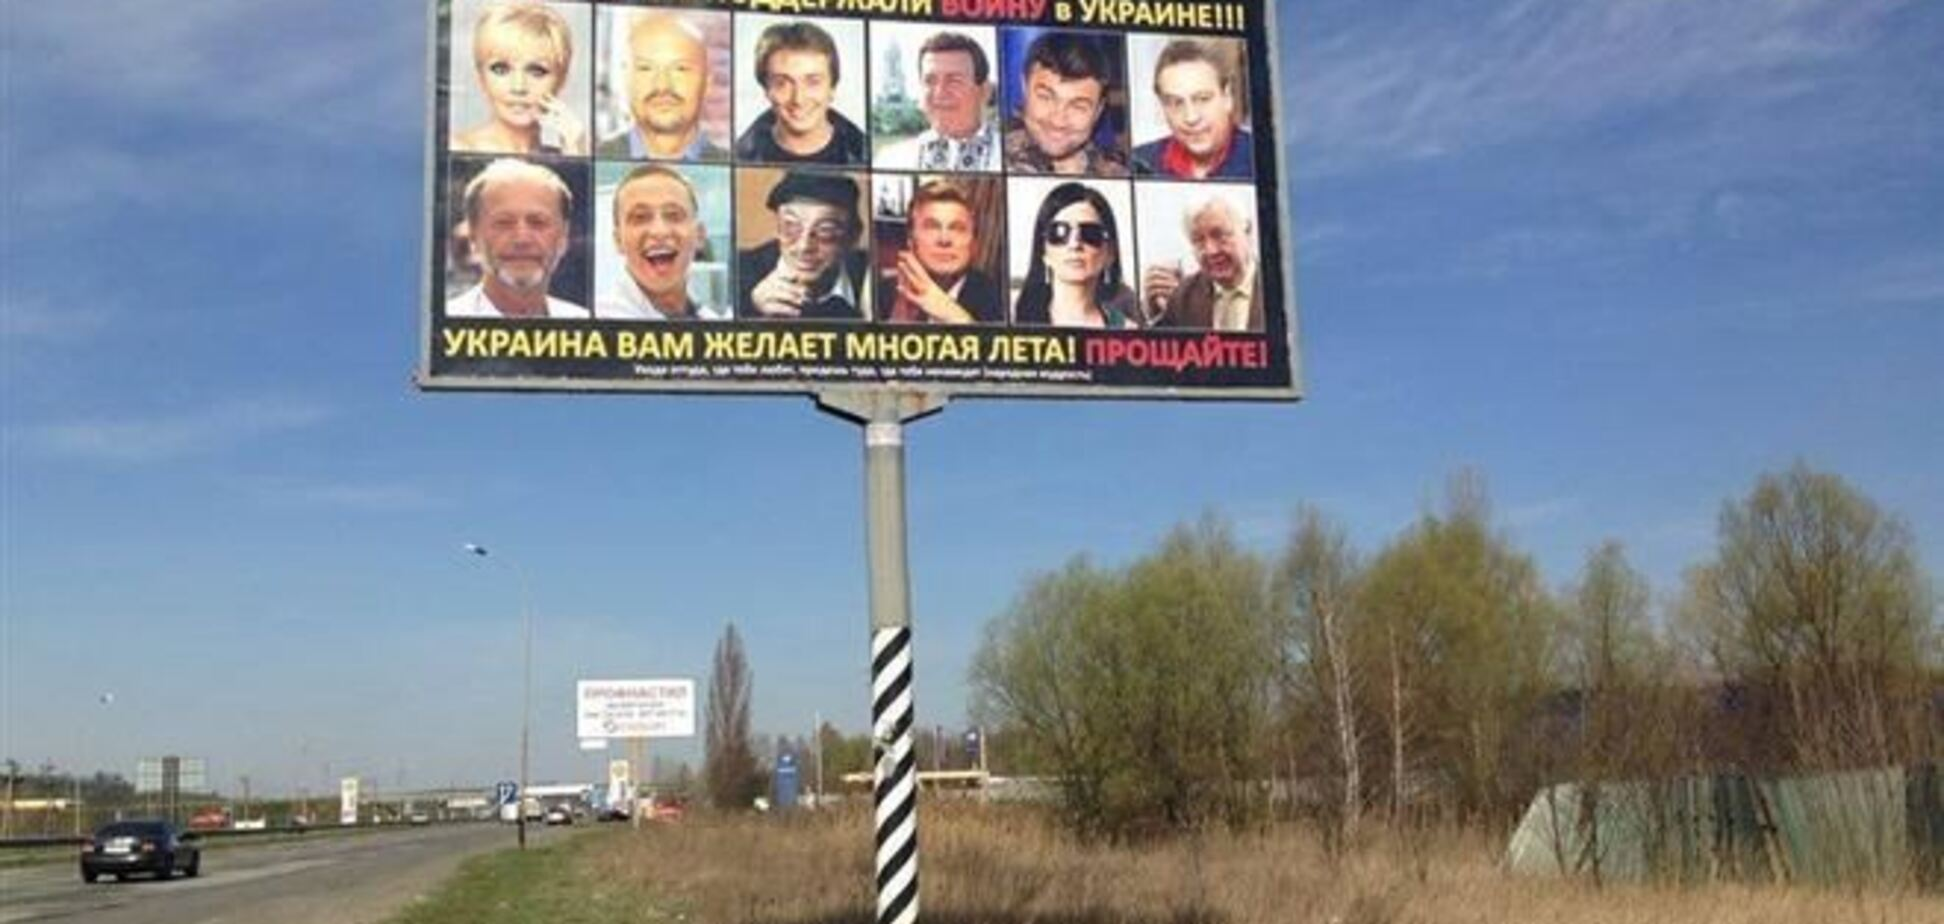 В Киеве появился прощальный билборд для 'путинских артистов'